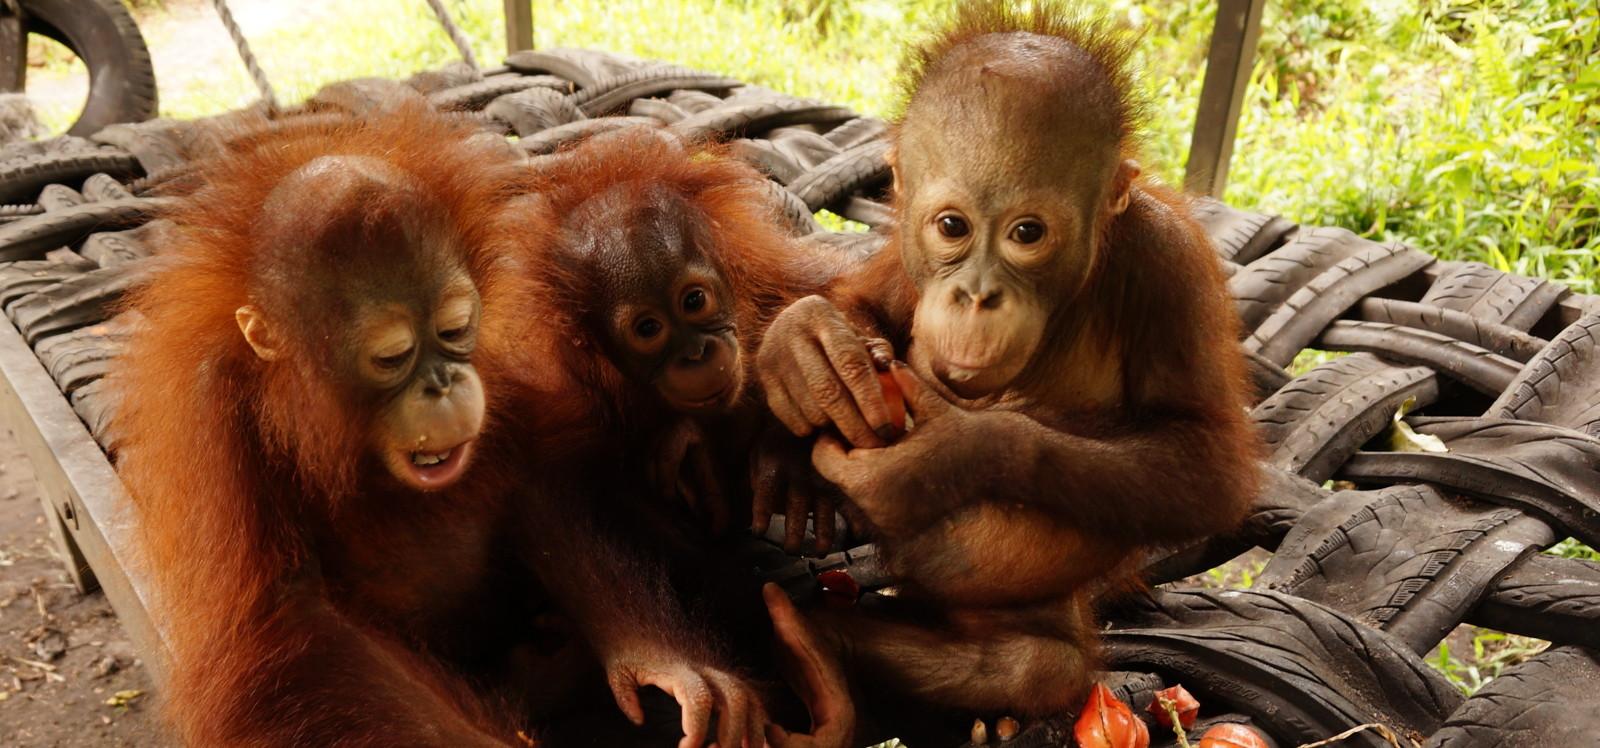 <span>Help Feed<br>Orangutans</span>